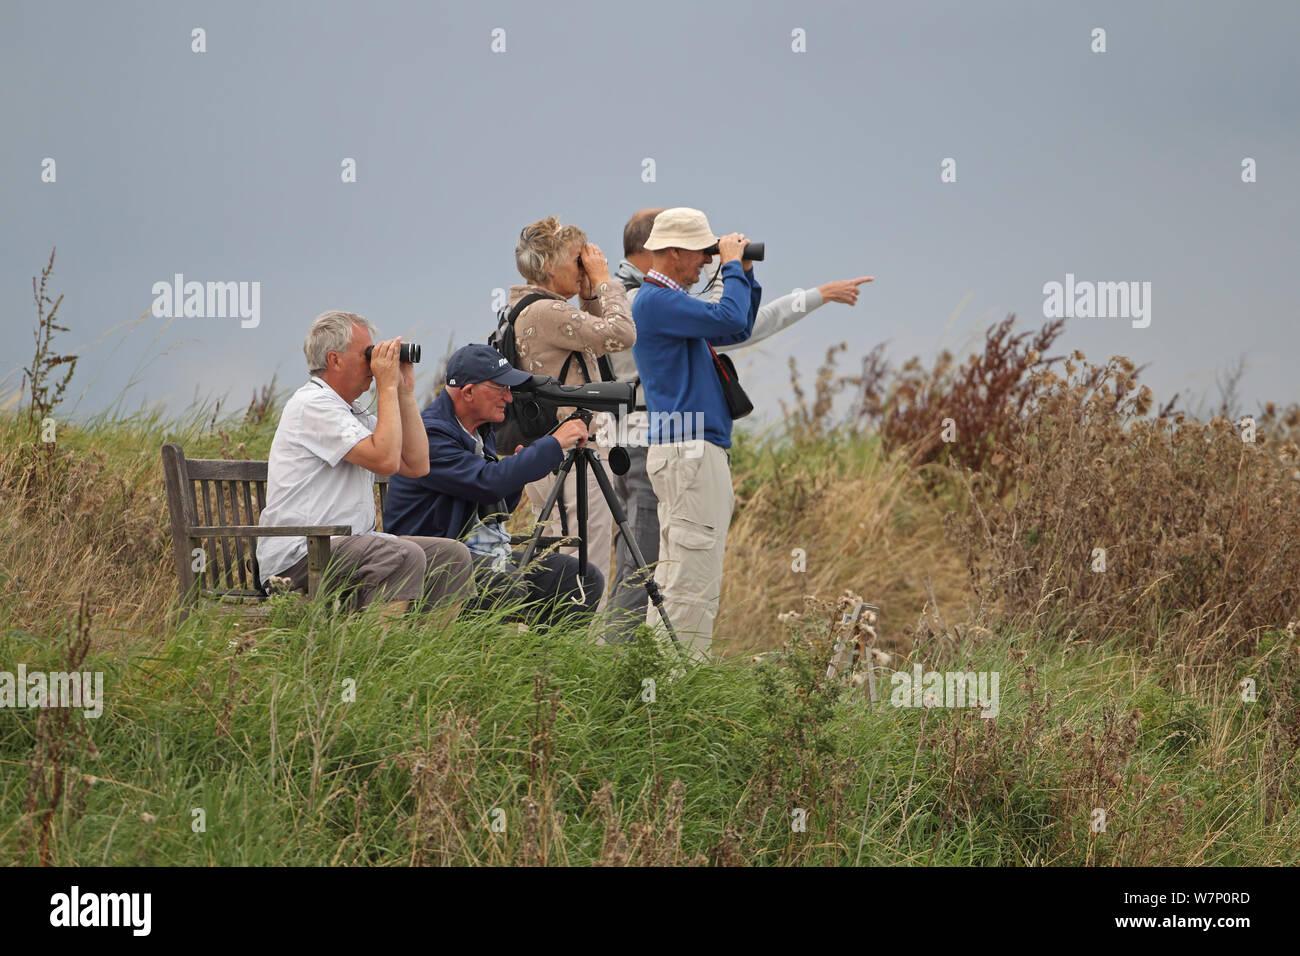 Birdwatching Uk Stock Photos & Birdwatching Uk Stock Images